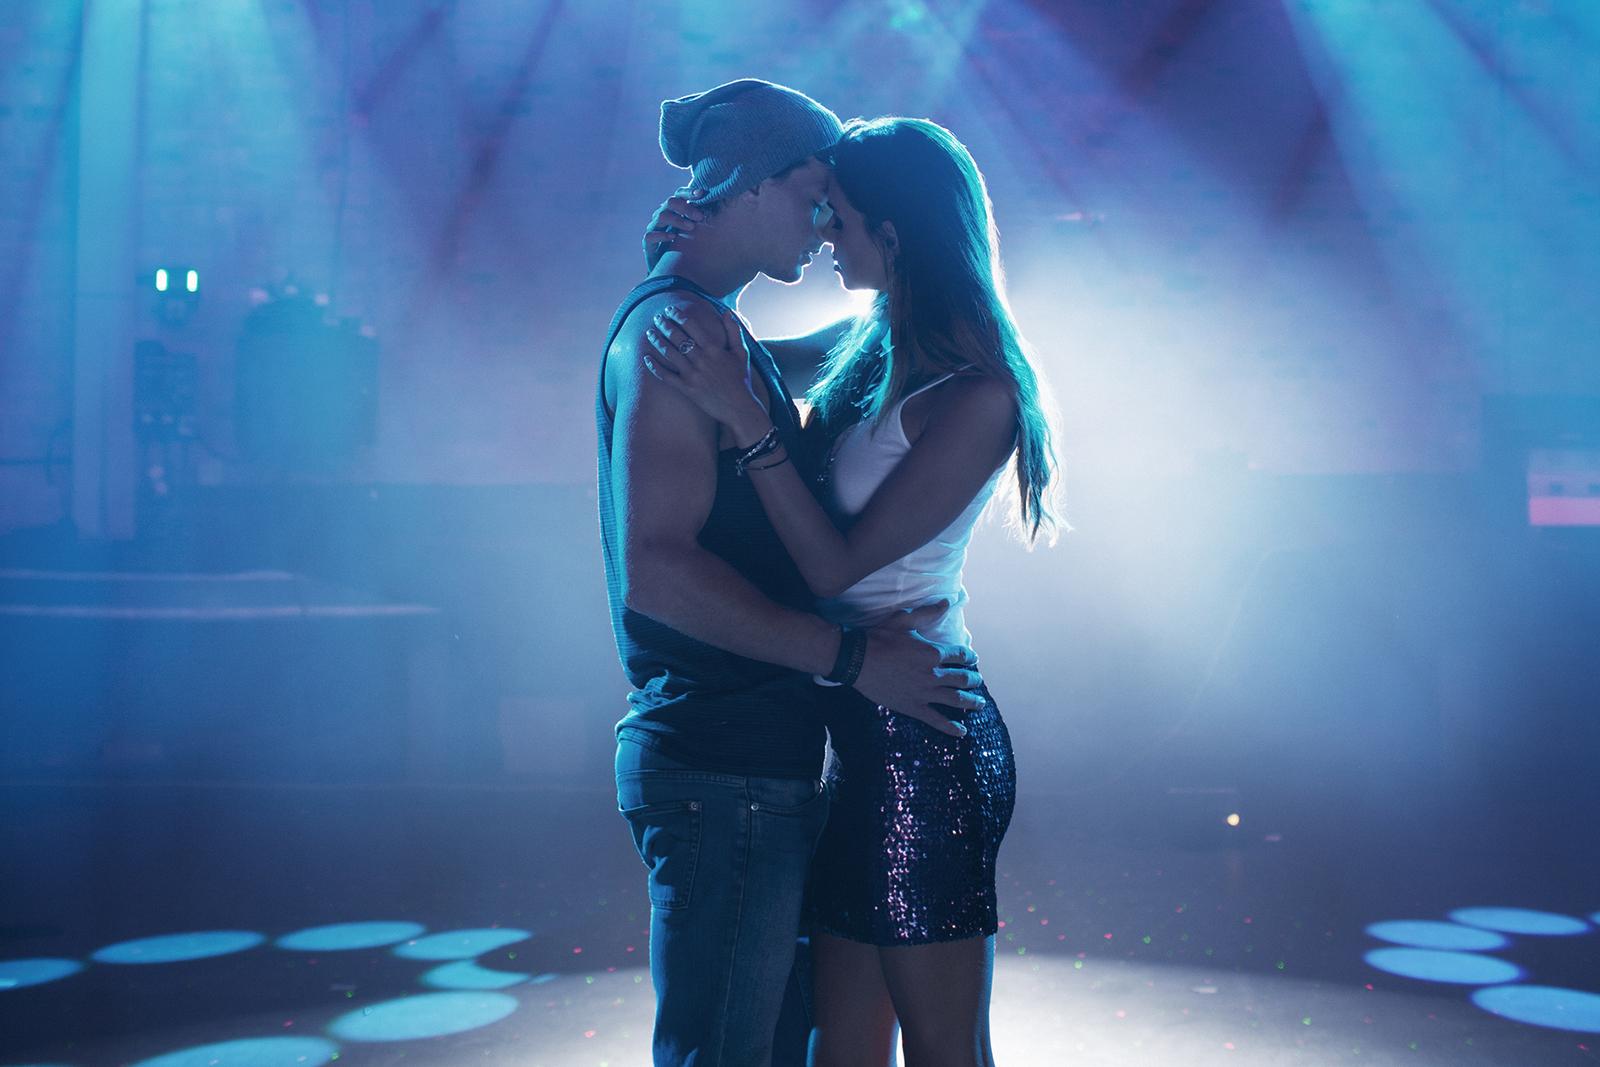 pareja-bailando-cerca.jpg